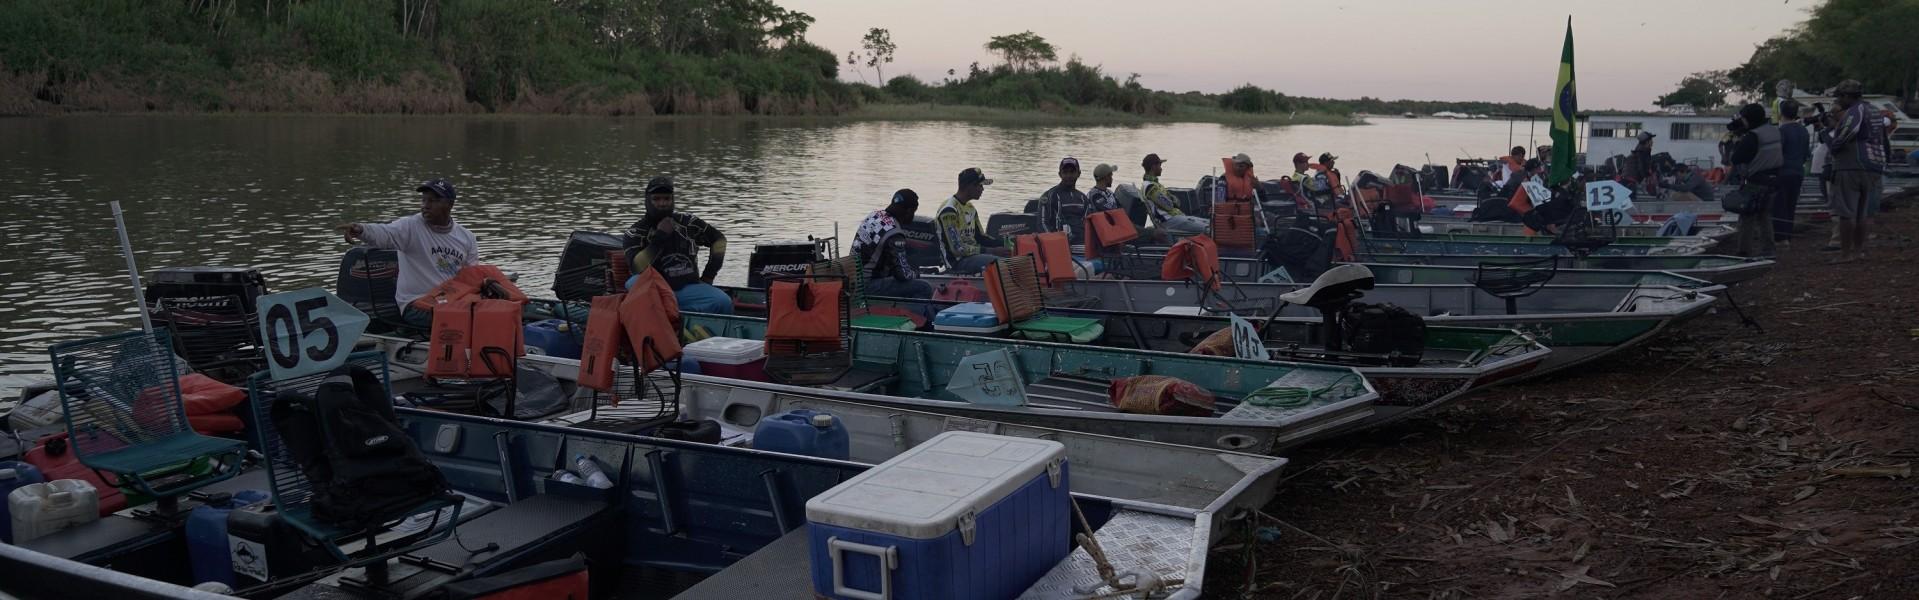 Pesca esportiva segue movimentando o final de semana com eventos